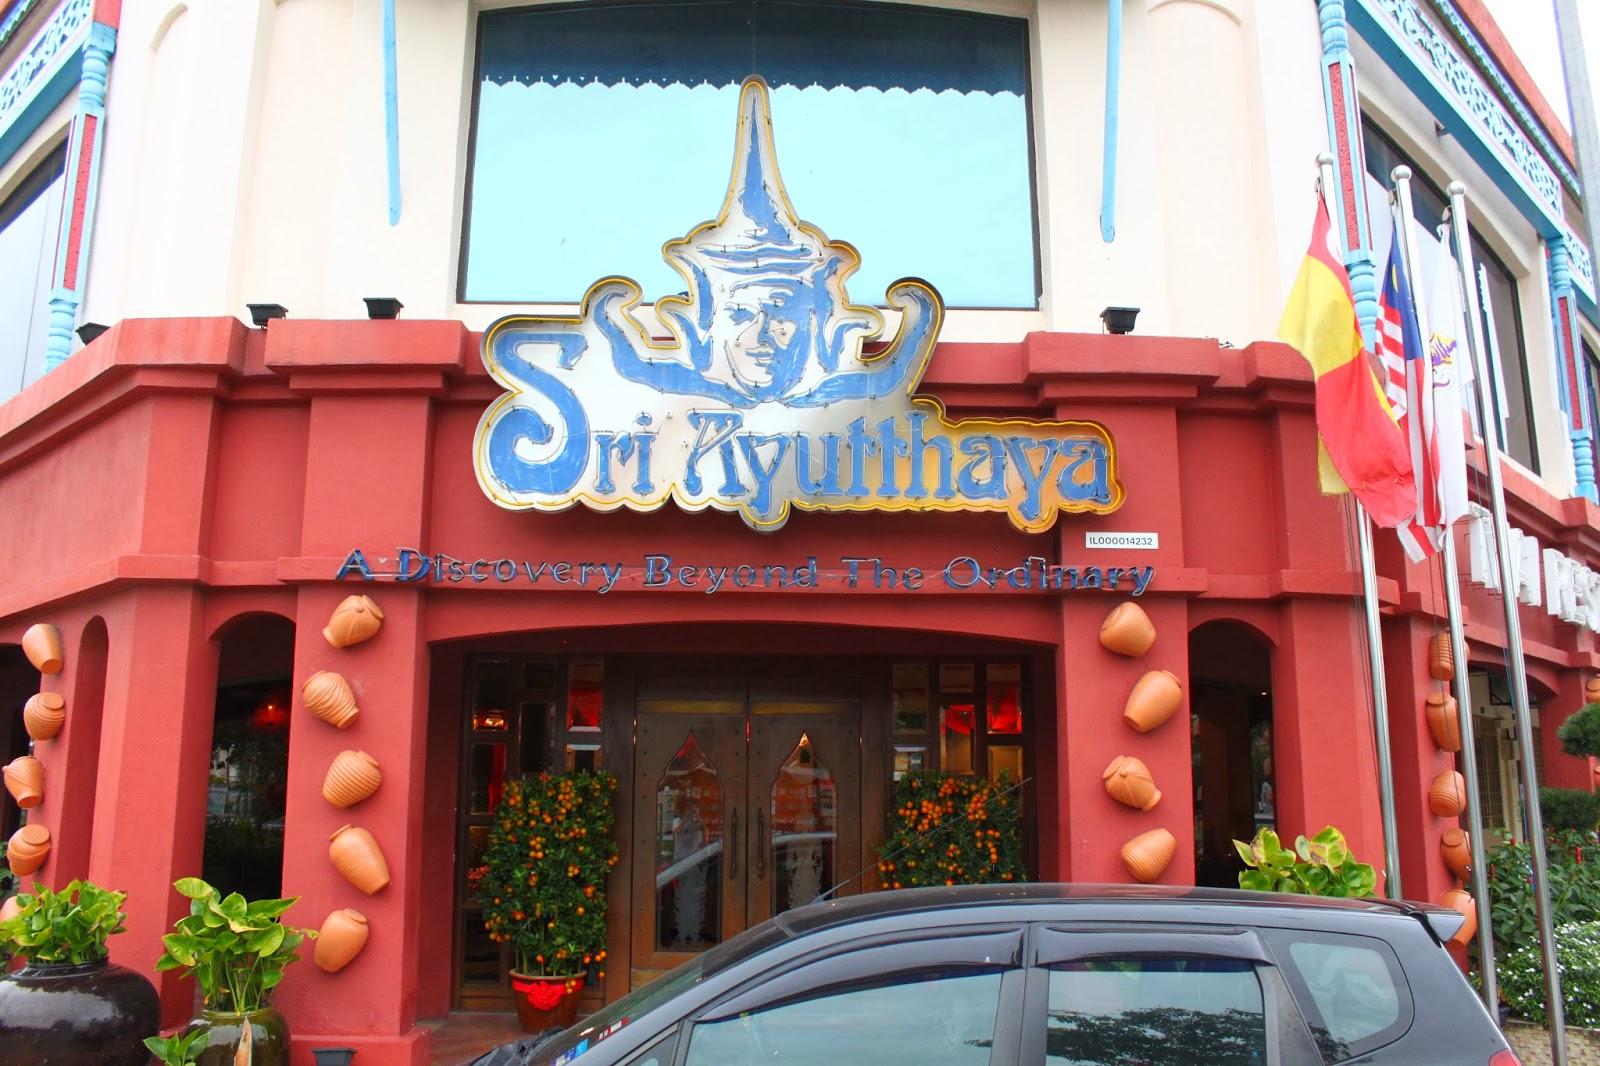 Sri ayutthaya thai food restaurant usj 11 subang jaya for Ayutthaya thai cuisine bar